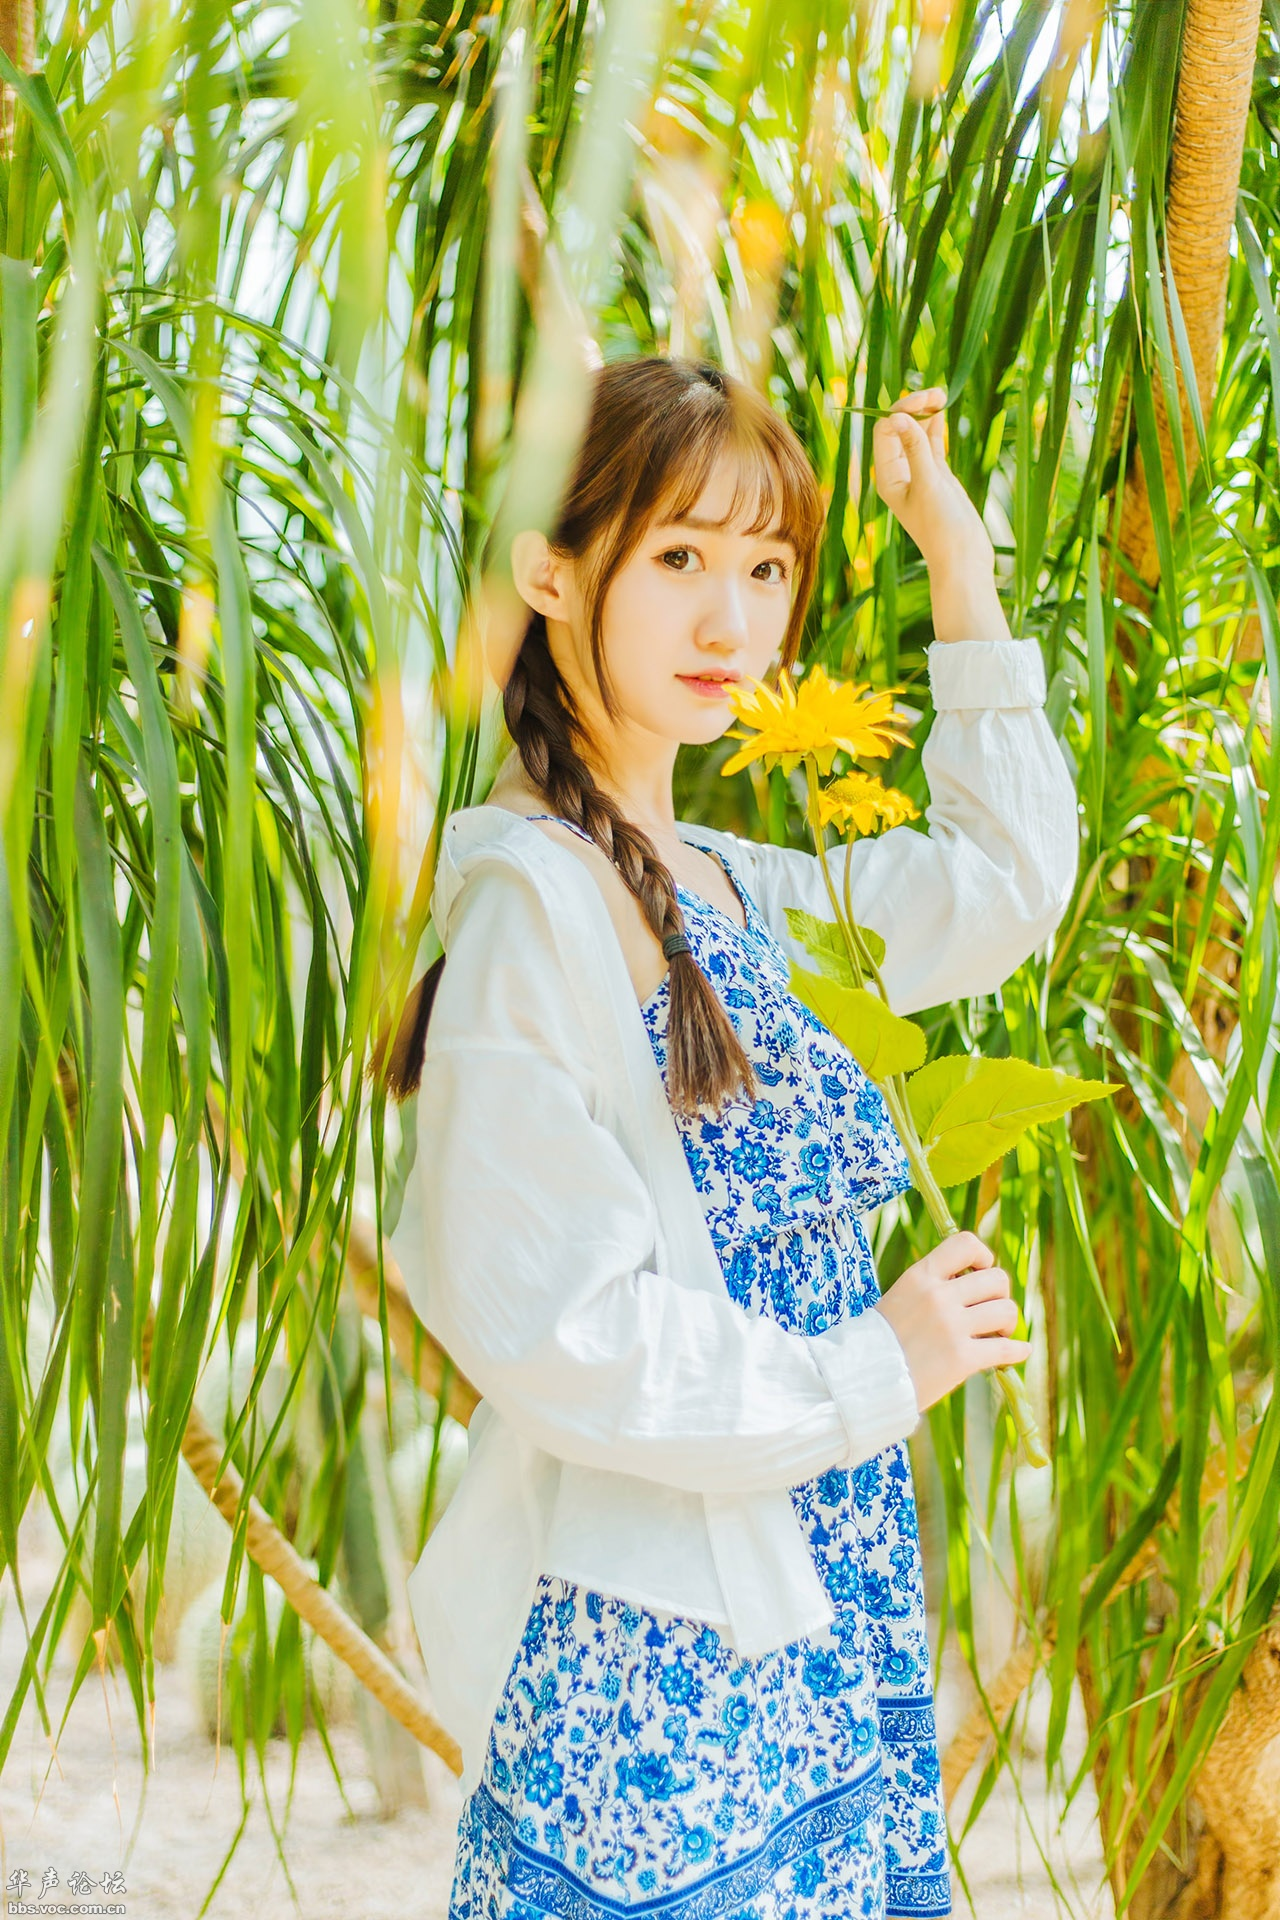 【人像摄影】木木子的夏天  -  花仙子  -  花仙子的博客.